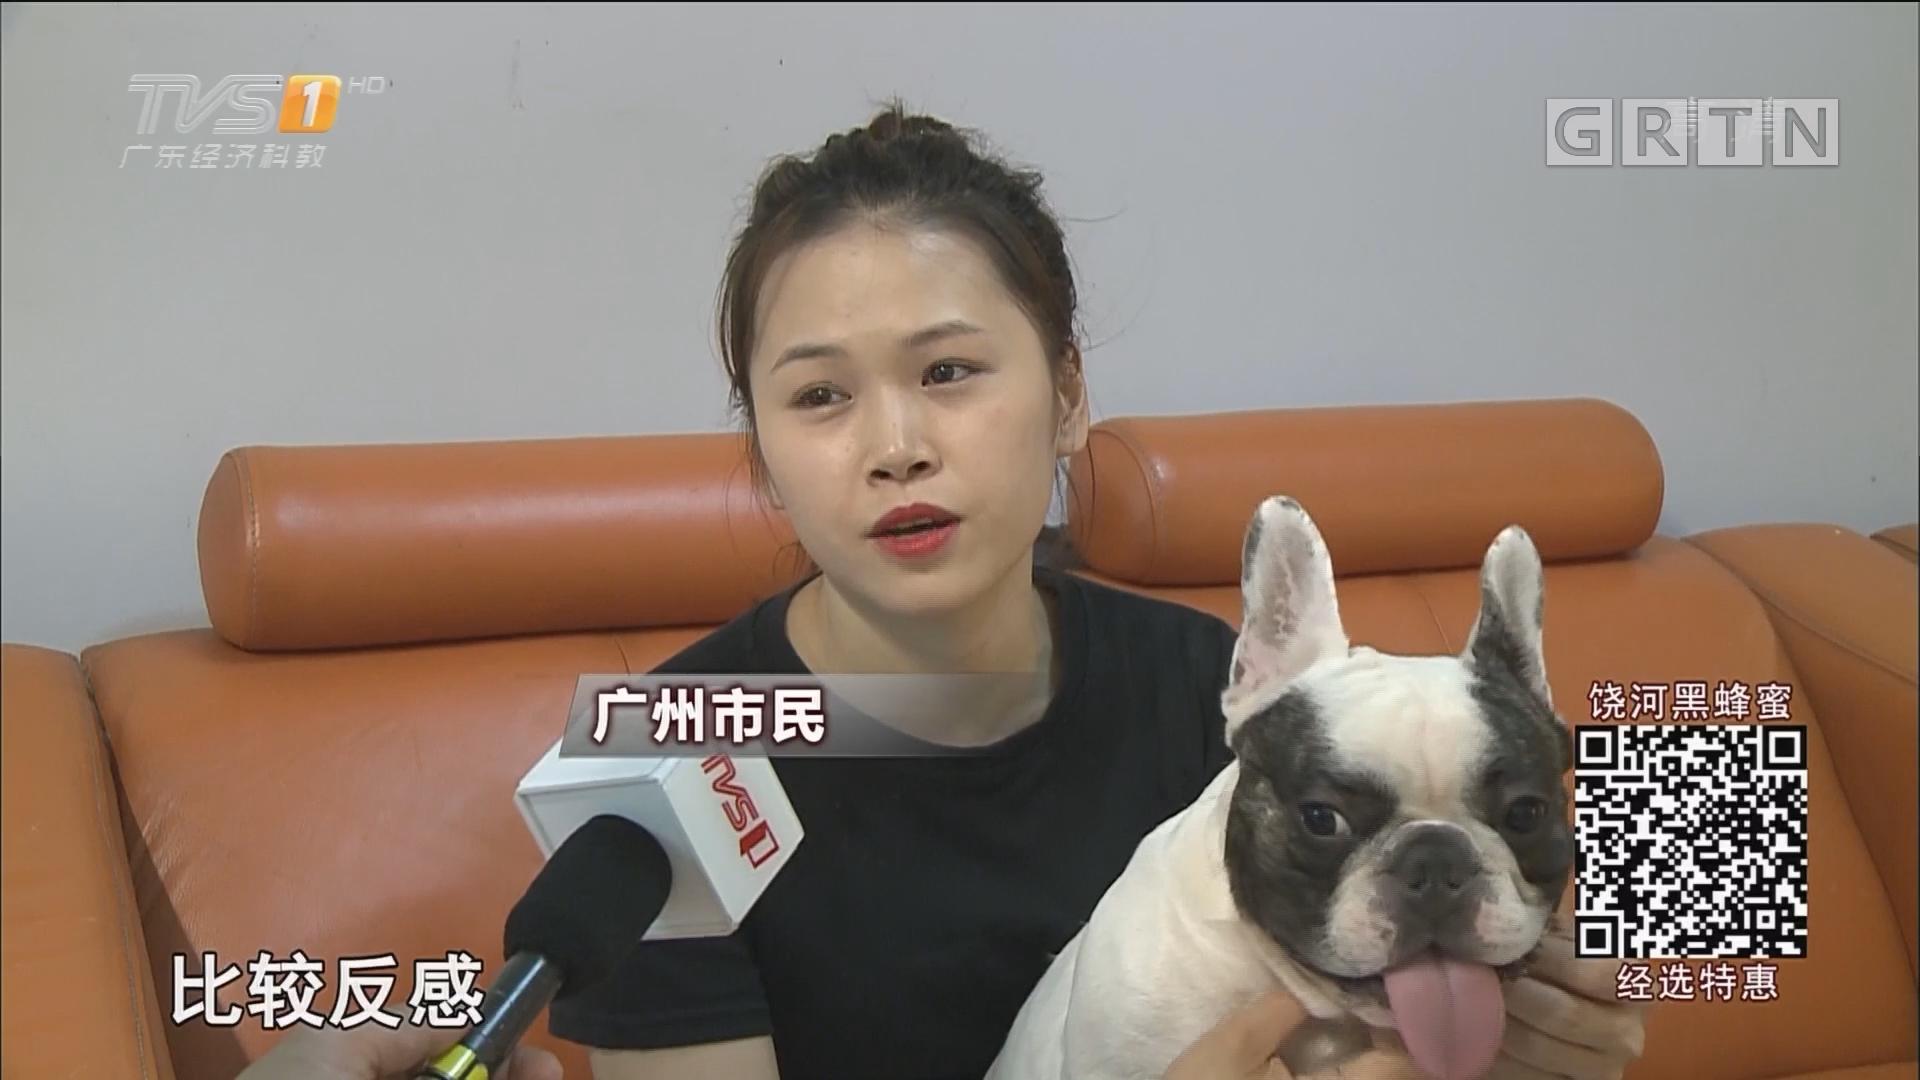 广州养犬乱象调查 不牵绳不上牌占多数